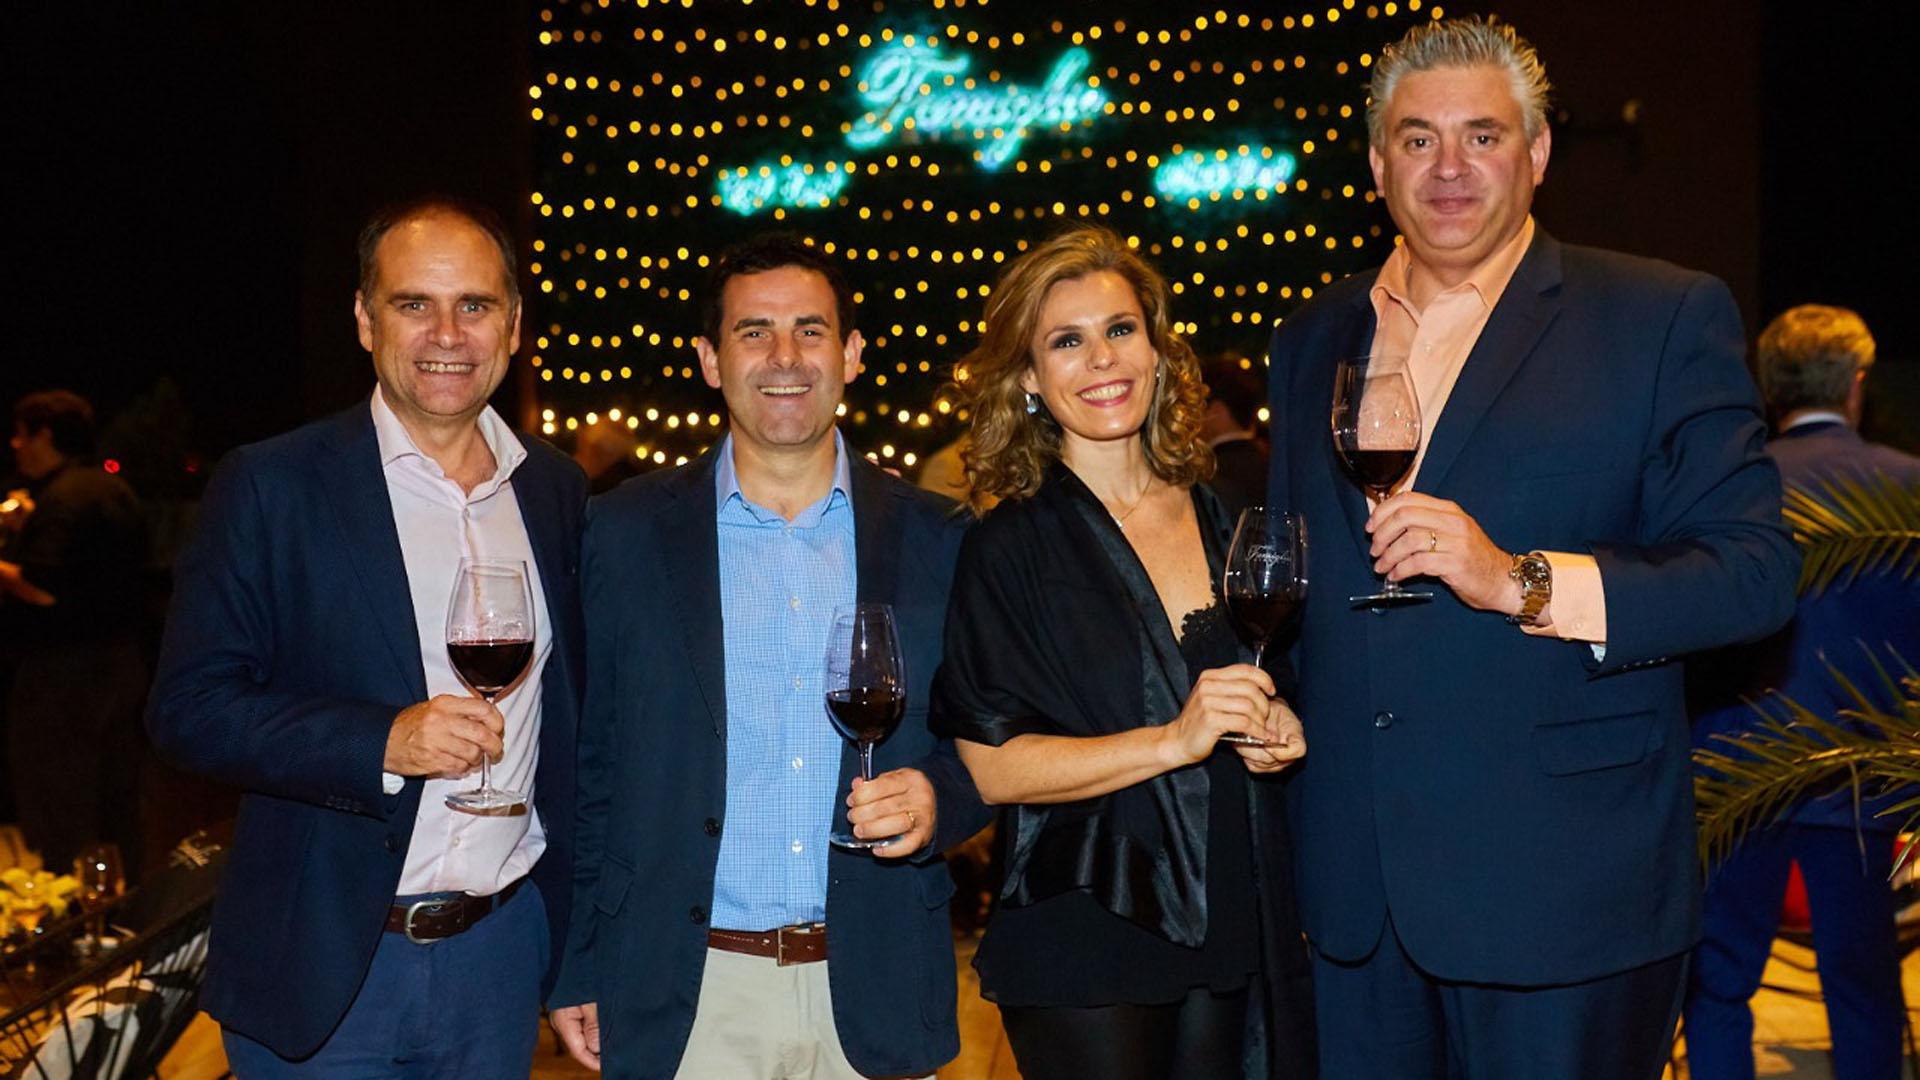 Rafael Calderón, gerente general de la bodega, Rafael y Andrea García Bianchi y Silvio Alberto, chef winemaker